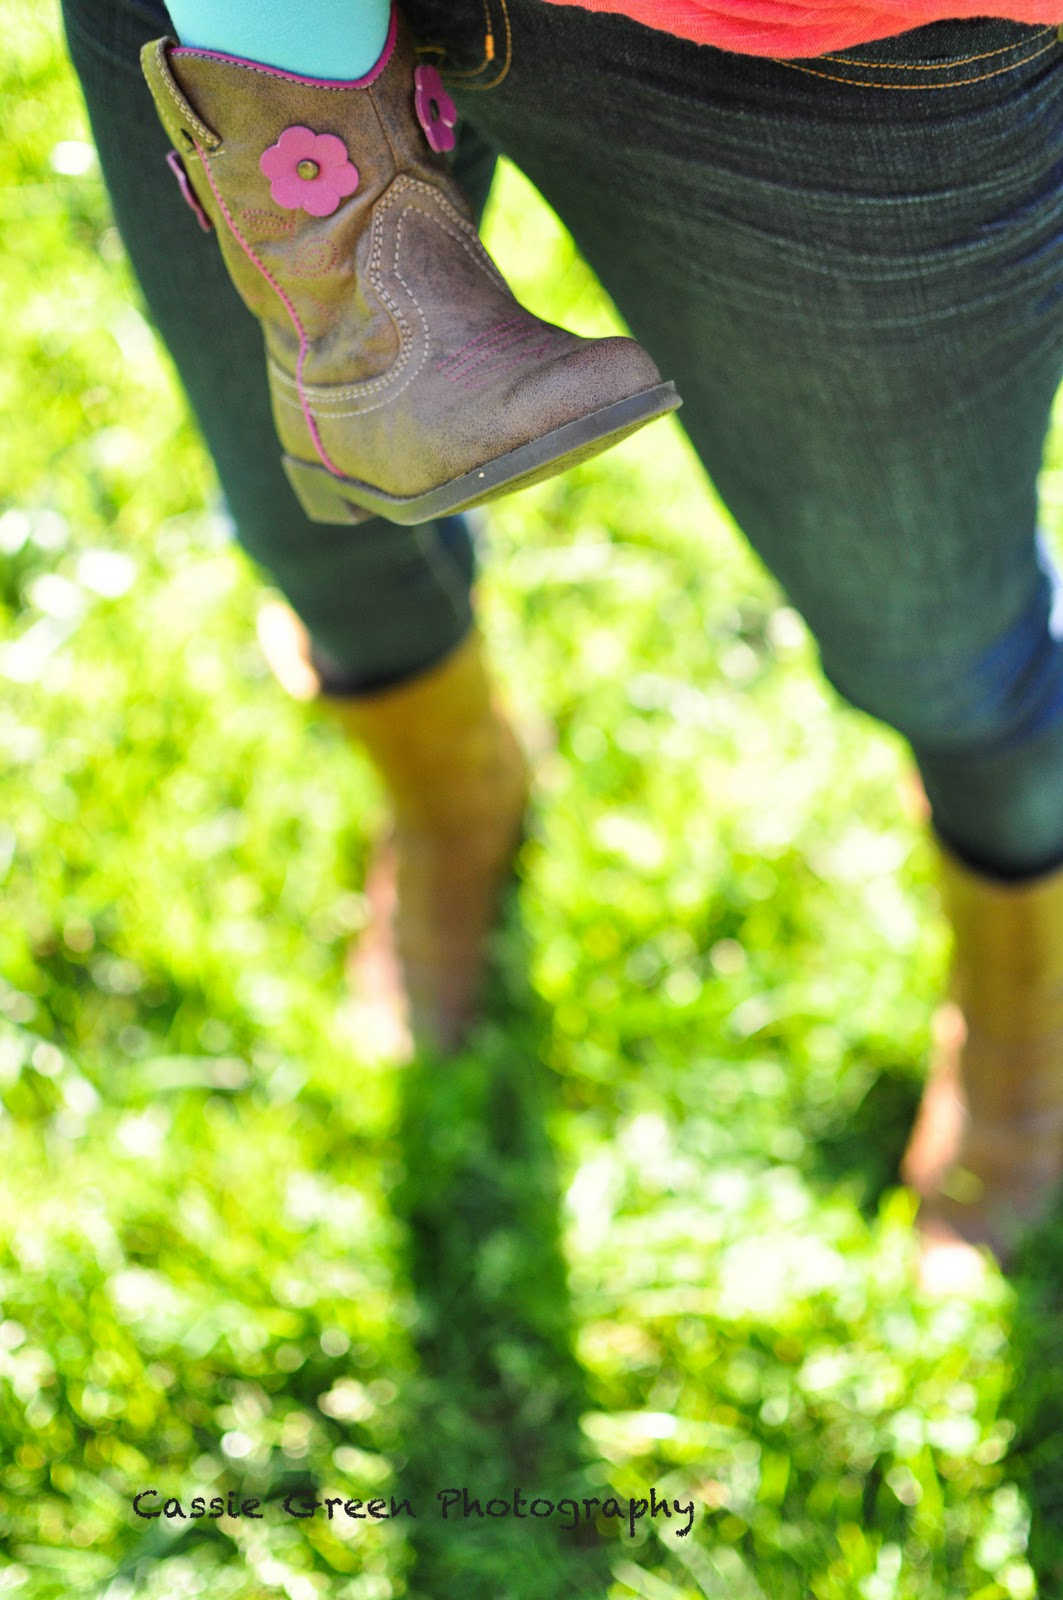 http://2.bp.blogspot.com/_A9EzTcX9_z8/TKzKoHmXG1I/AAAAAAAAAPQ/sG4Til2AR9A/s1600/mom&eva+boots.jpg